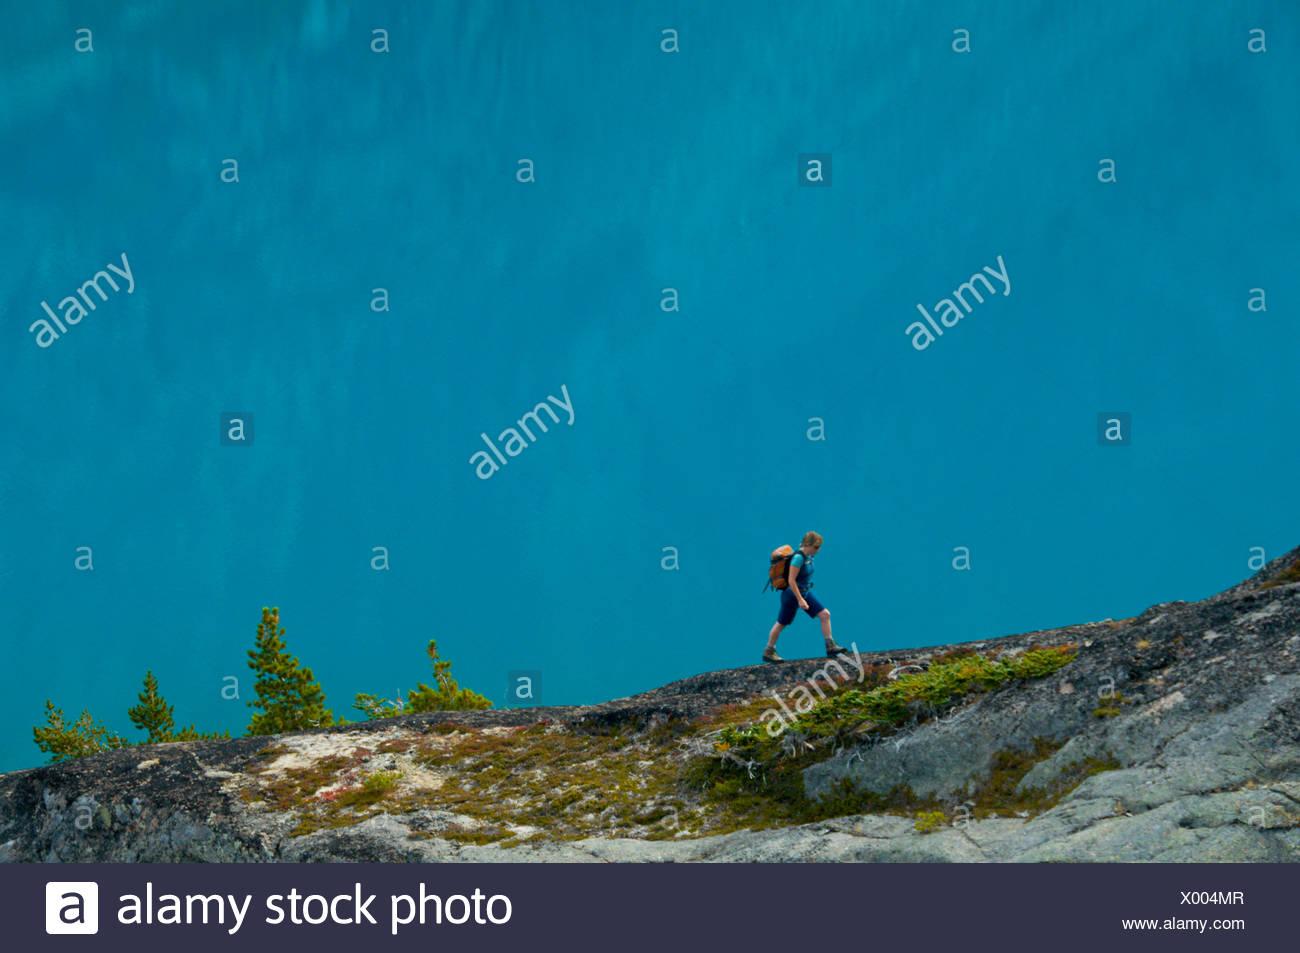 Randonnées d'une jeune femme en face d'un lac bleu dans la gamme Niut, British Columbia, Canada Banque D'Images